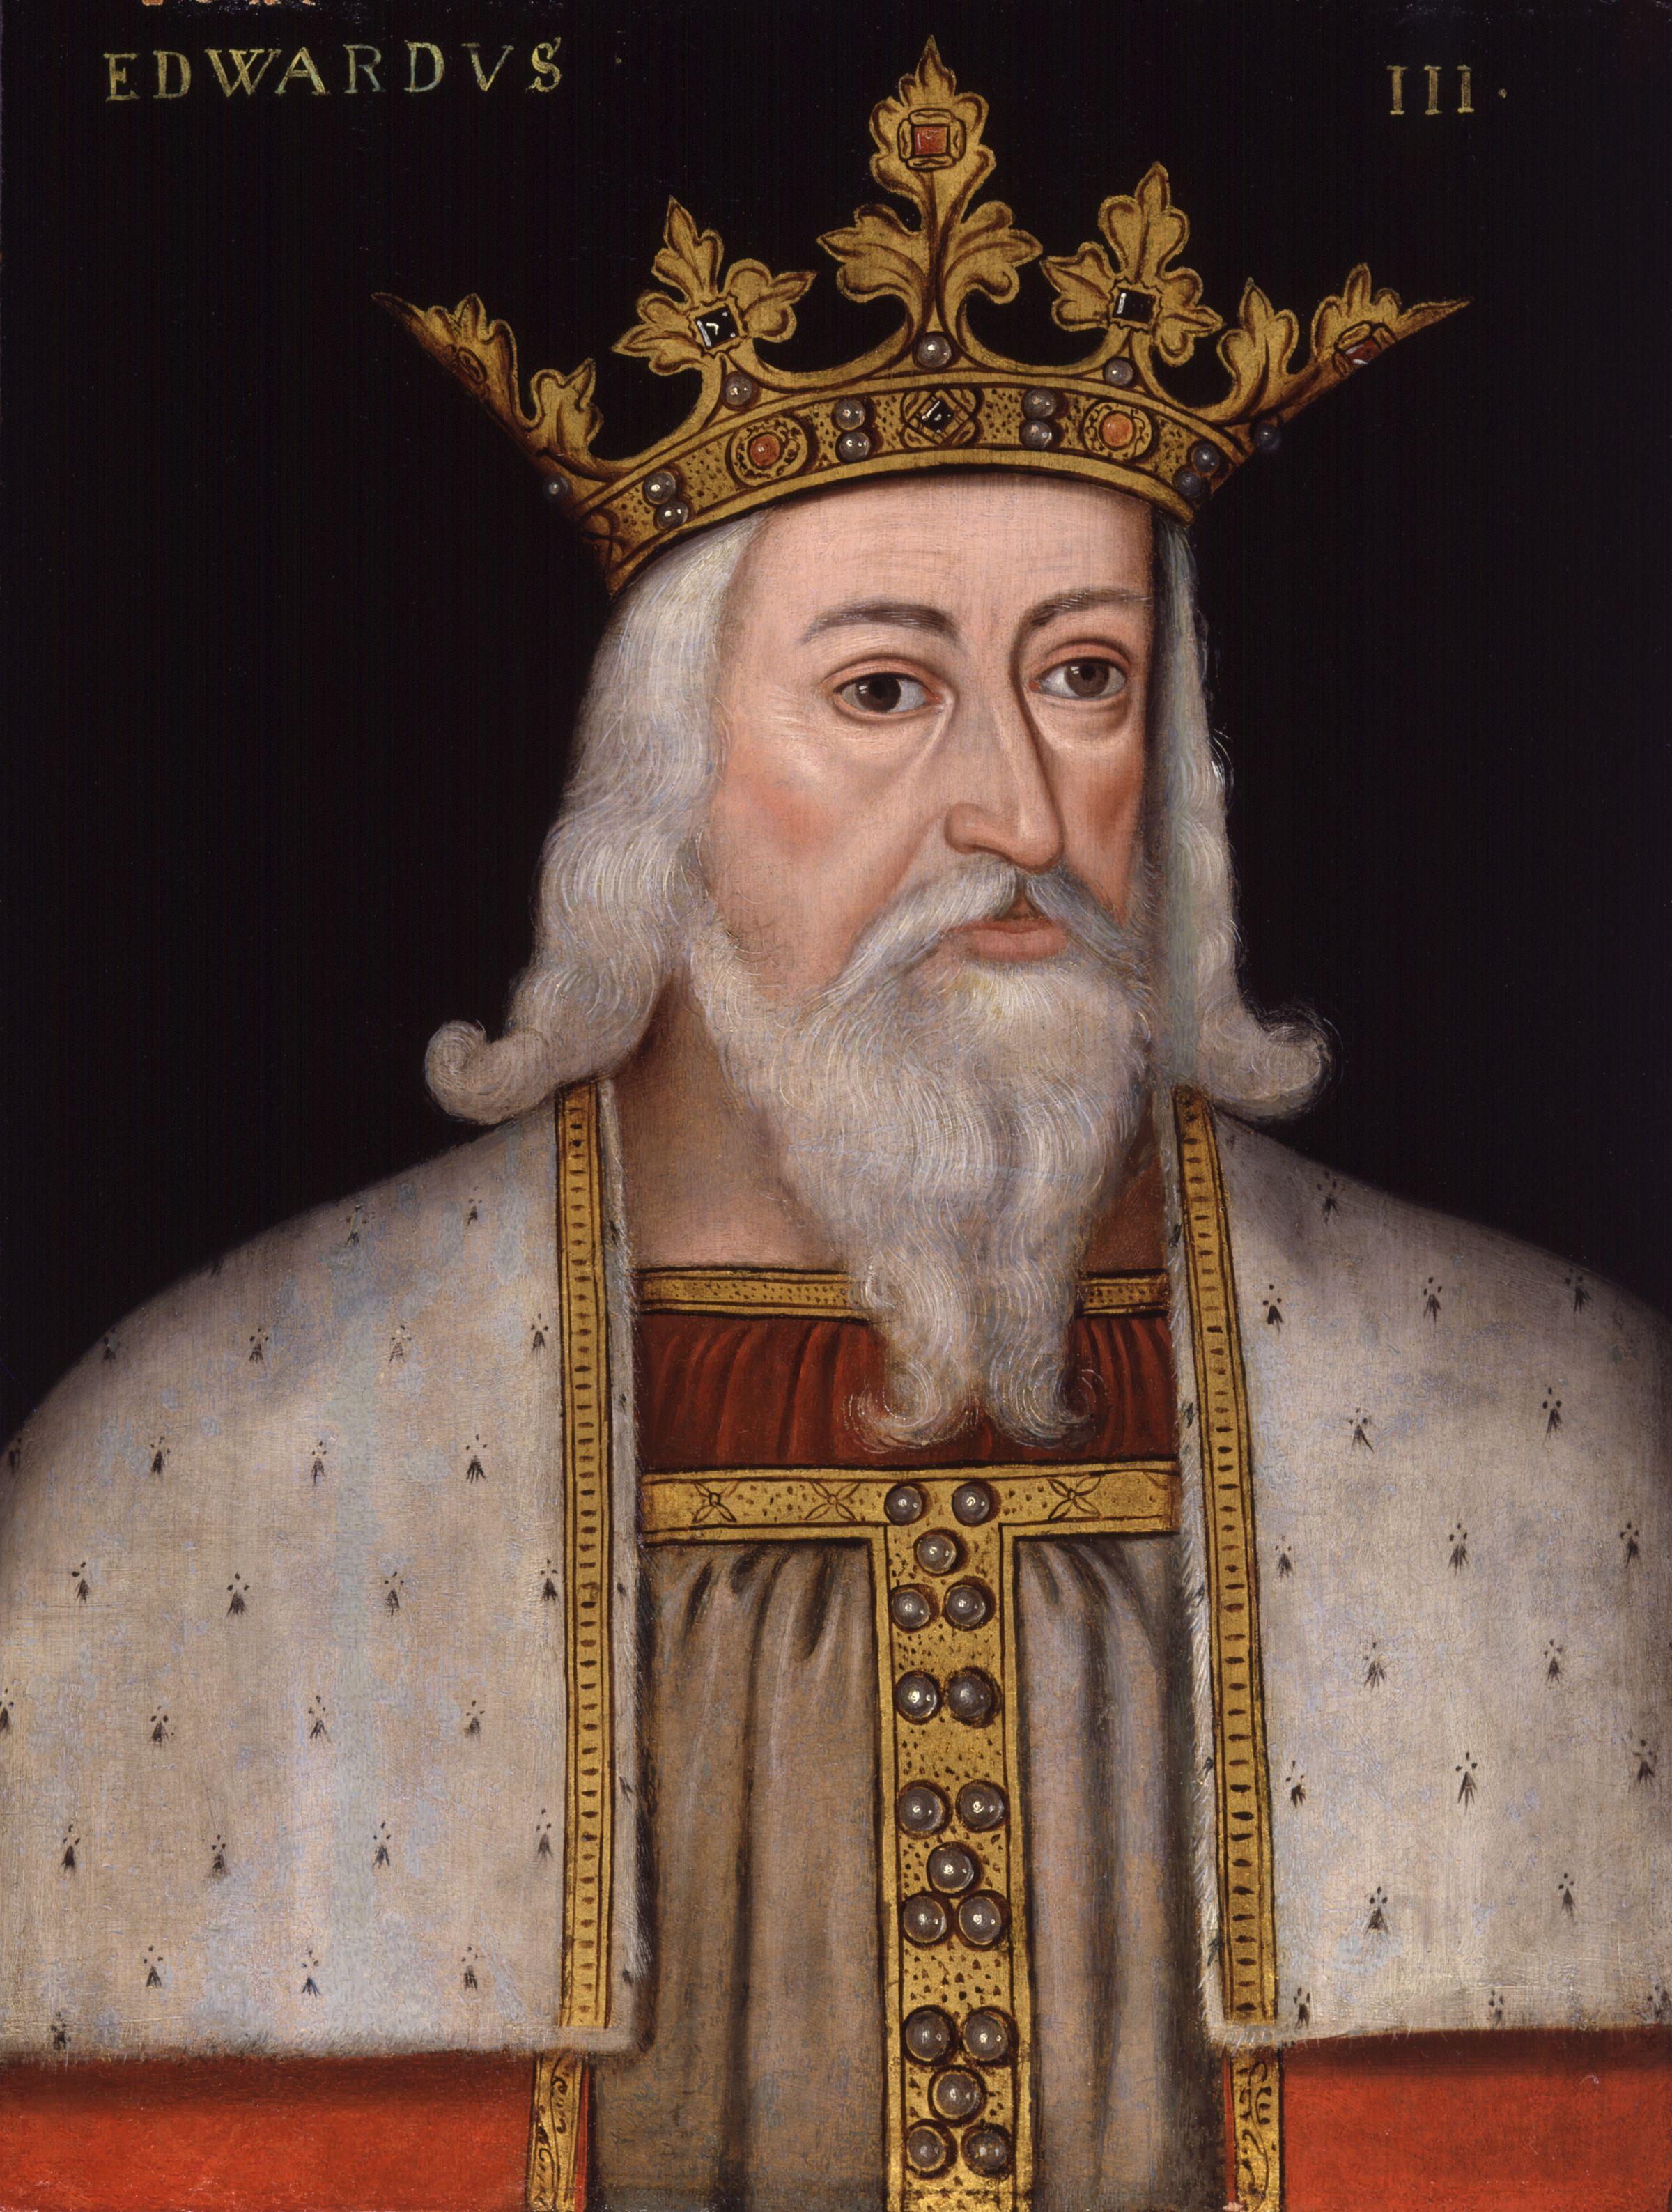 El accidentado acceso al trono del rey Eduardo III de